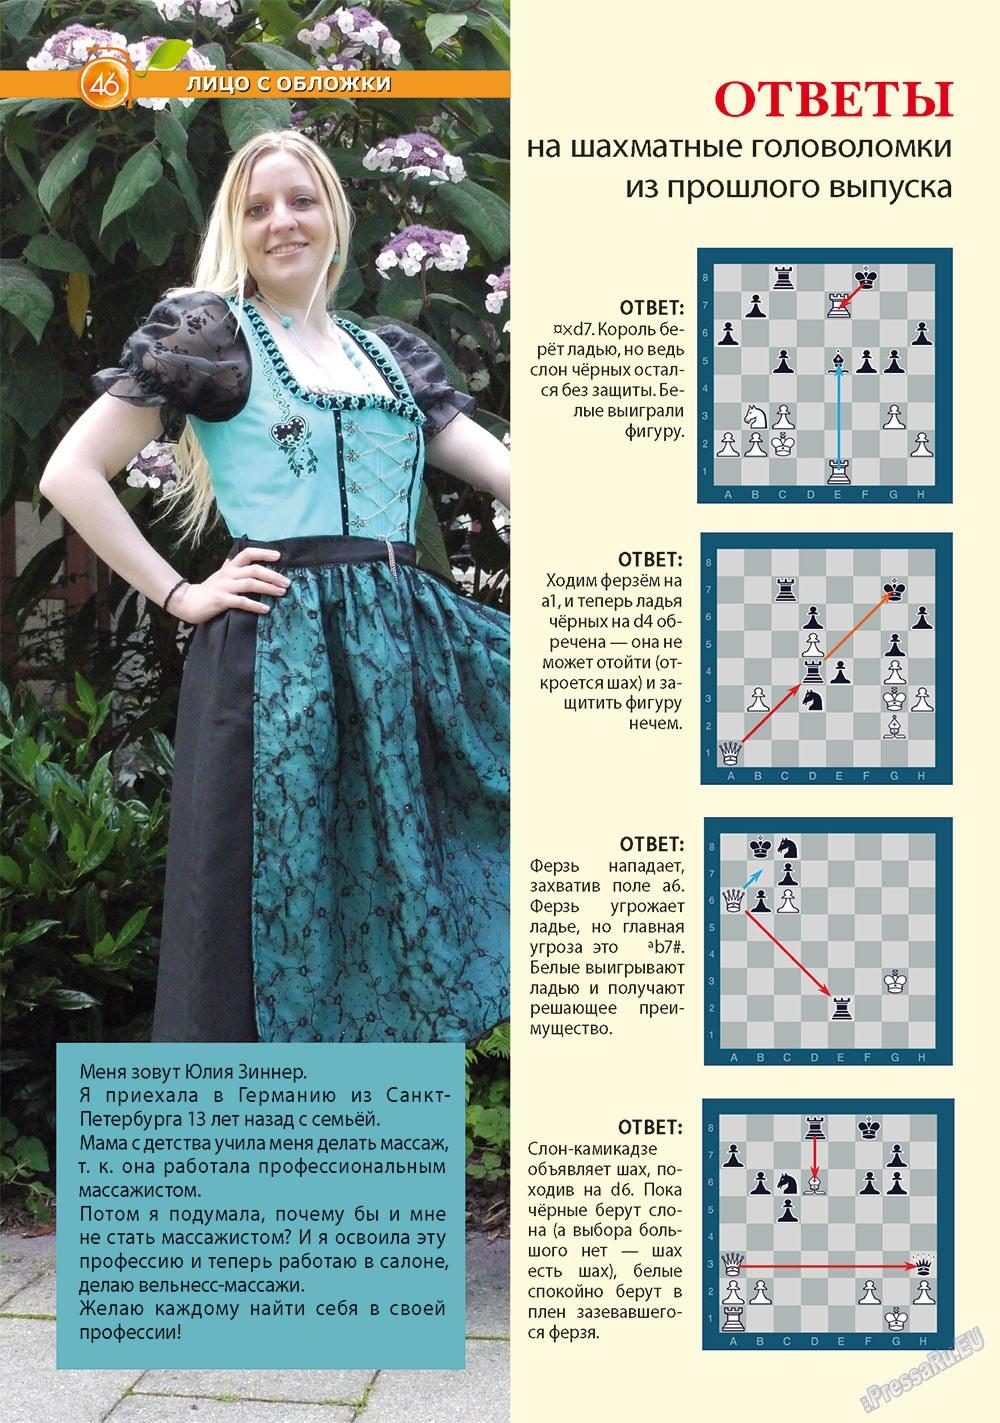 Апельсин (журнал). 2011 год, номер 26, стр. 46